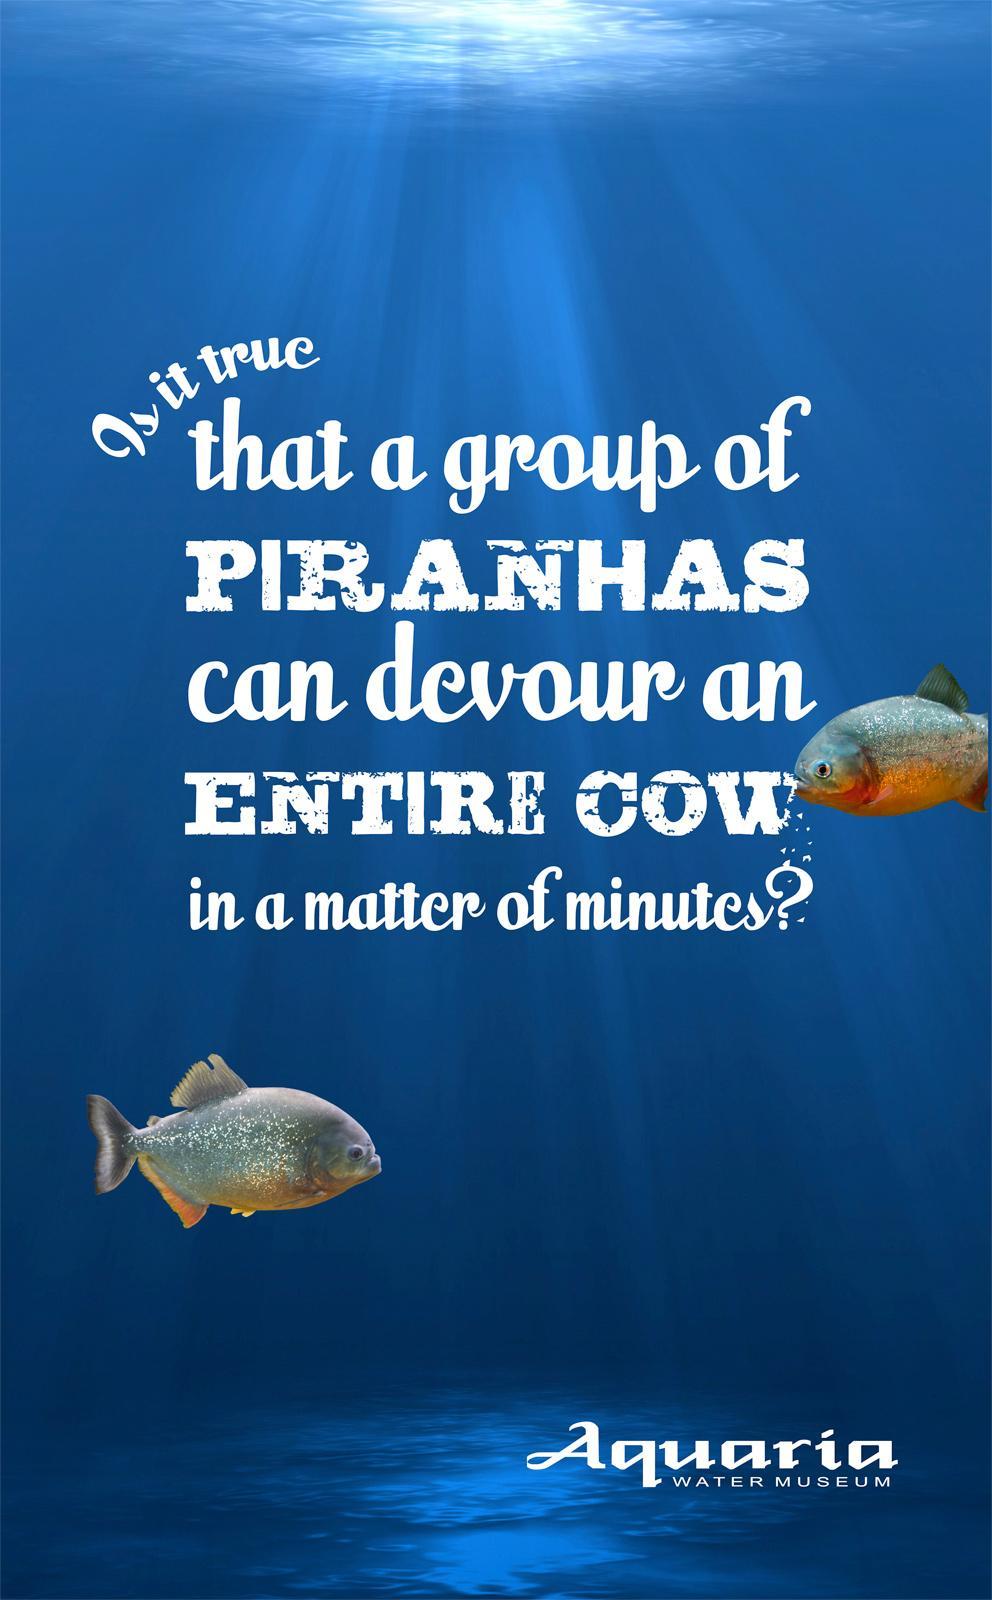 Aquaria Watermuseum Outdoor Ad -  Wet facts, Piranha